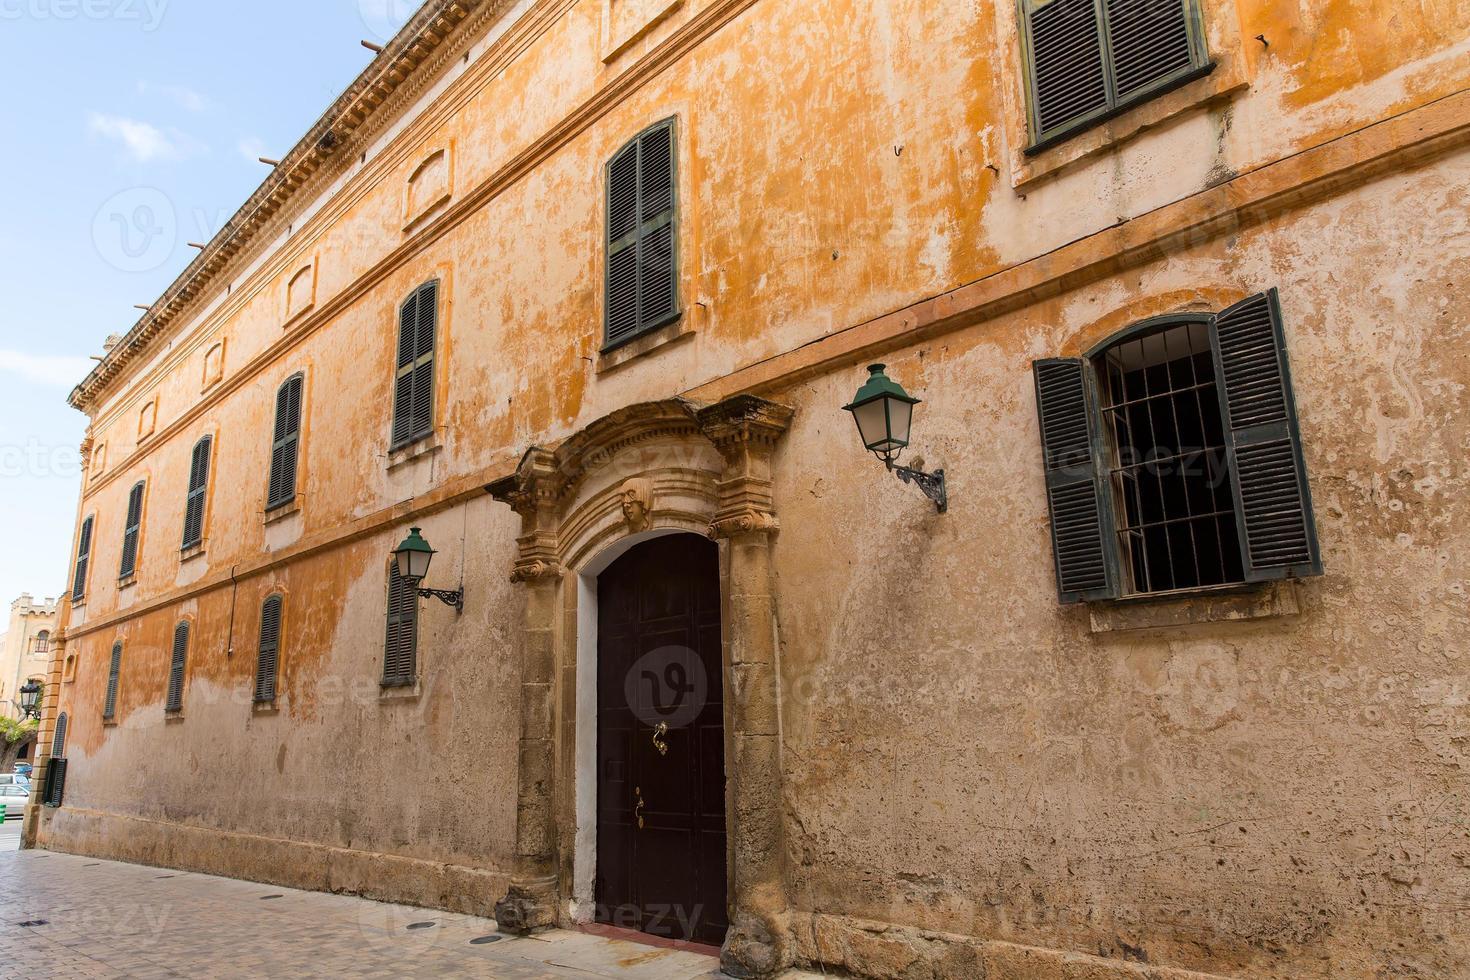 Ciutadella menorca calle principal en ciudadela en baleares foto